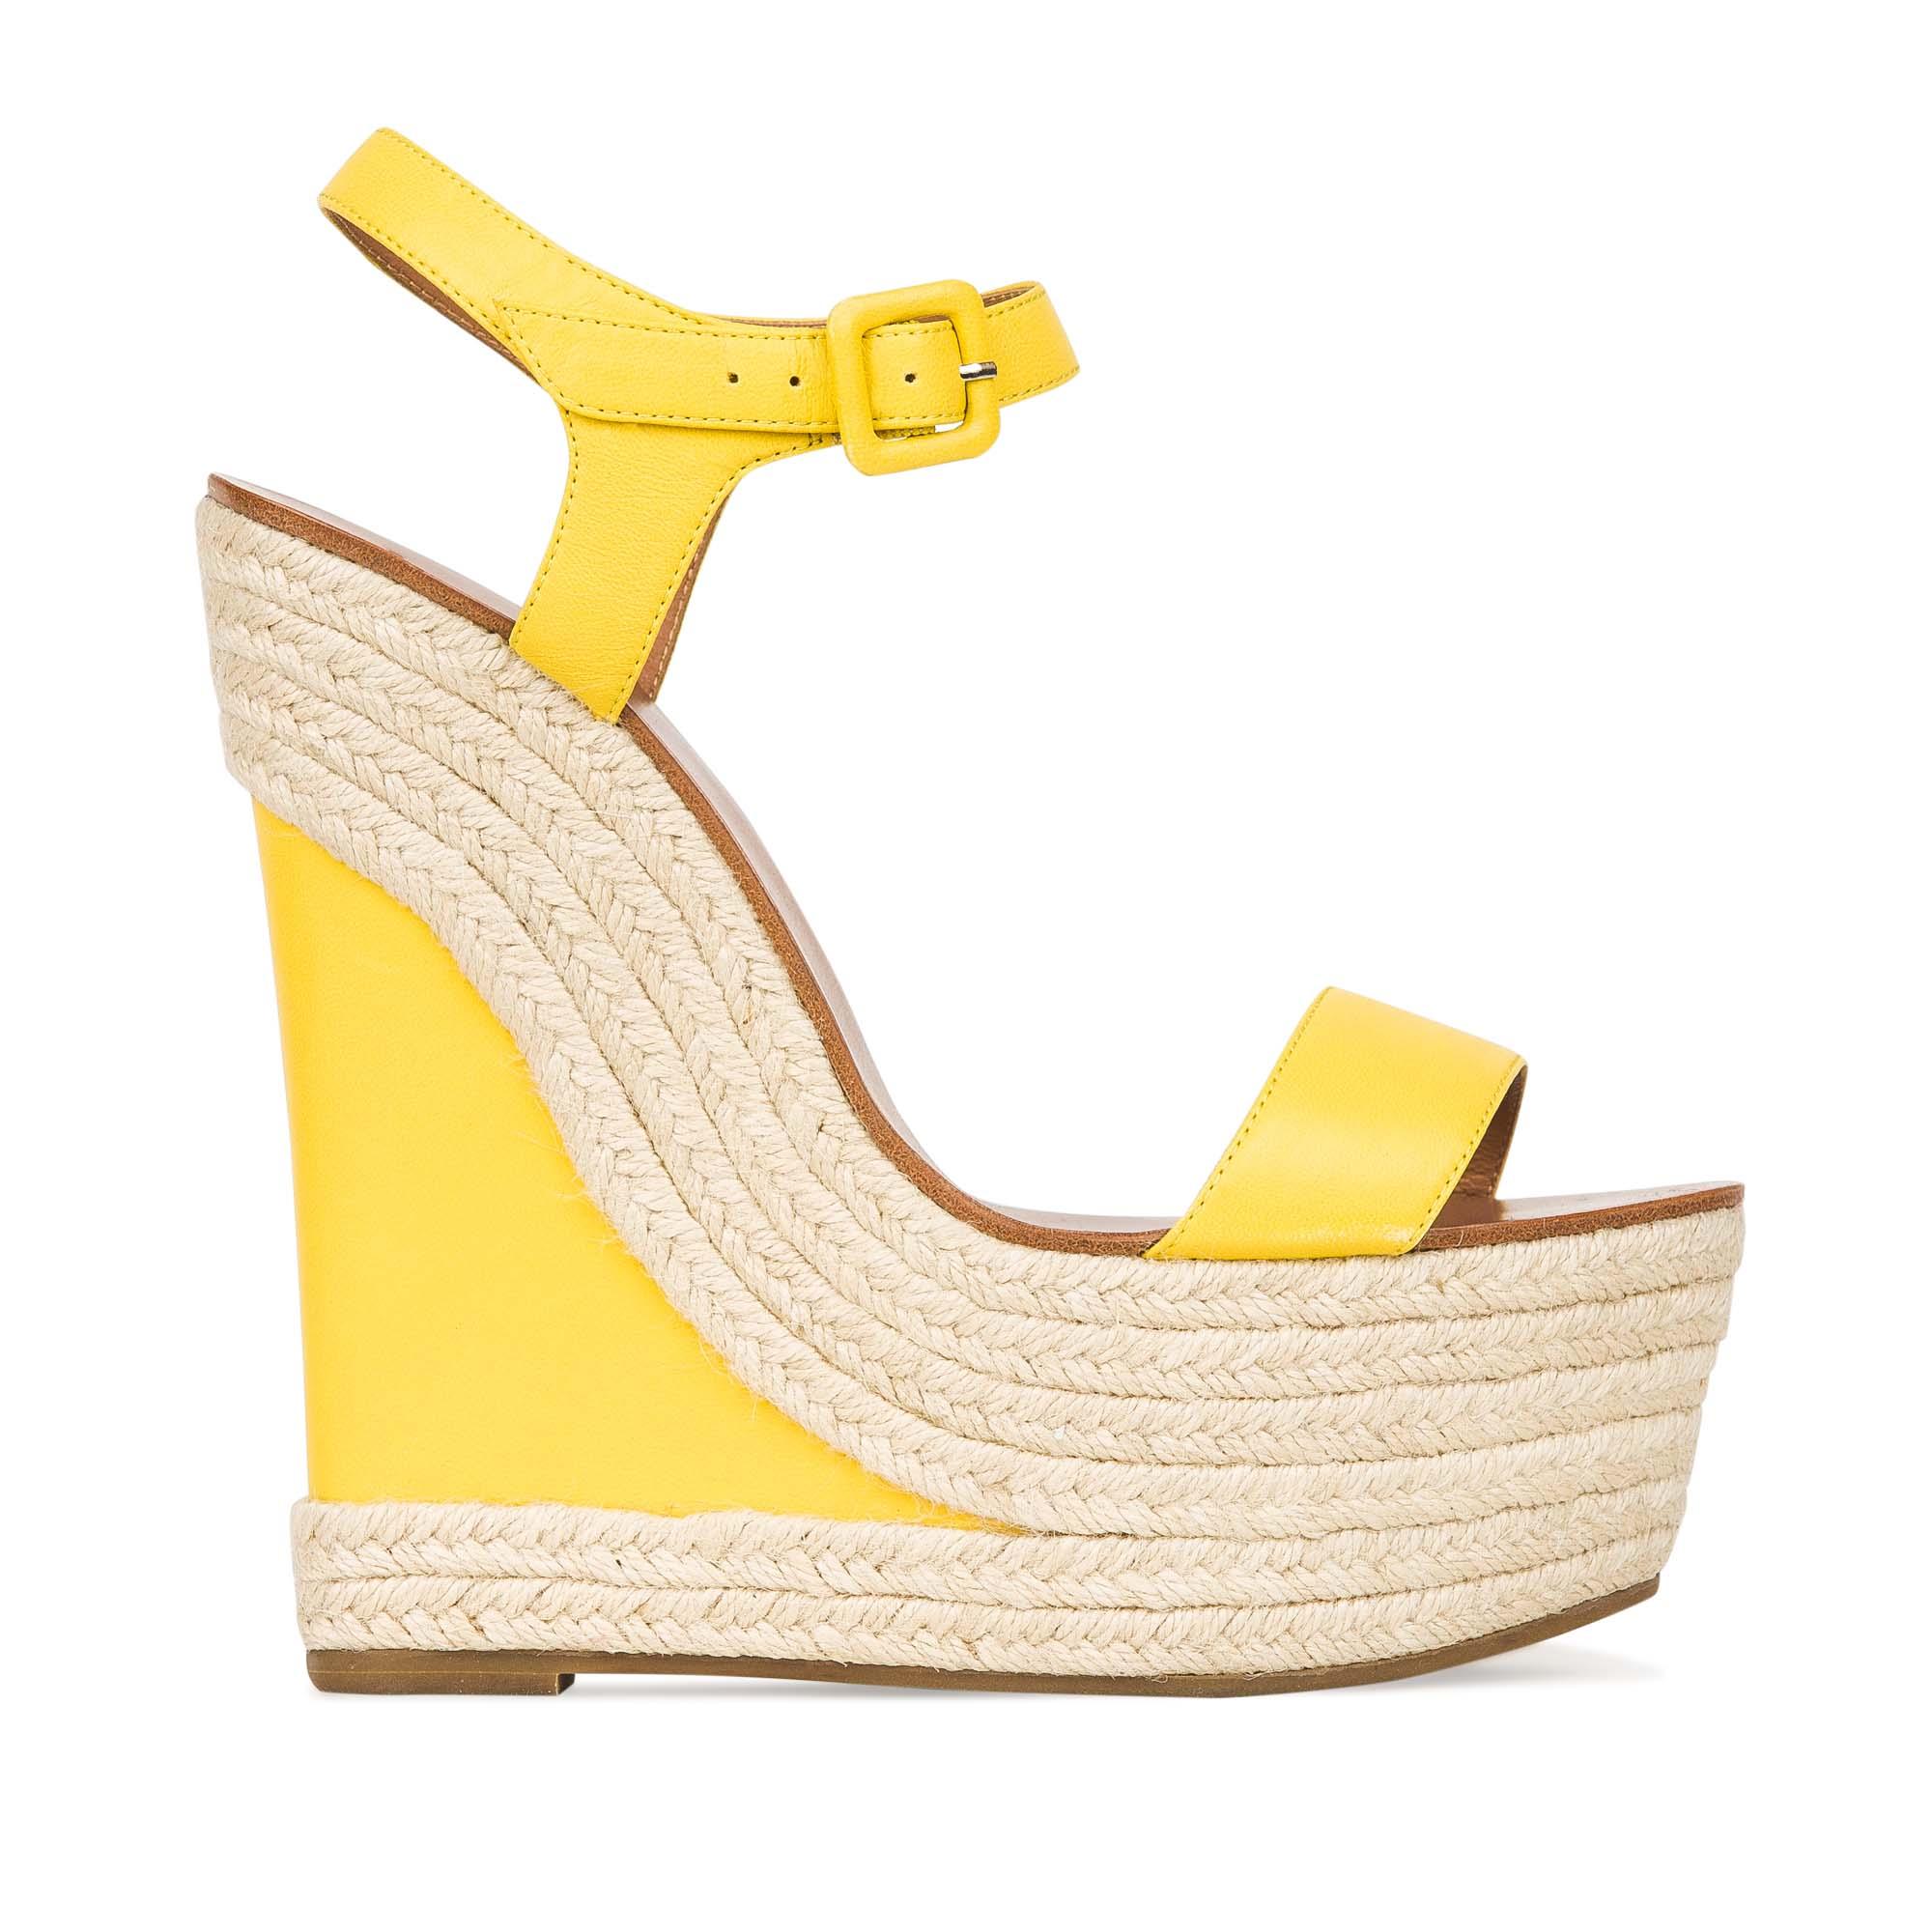 Кожаные босоножки солнечно-желтого цвета на танкетке, декорированной джутомБосоножки женские<br><br>Материал верха: Кожа<br>Материал подкладки: Кожа<br>Материал подошвы: Кожа<br>Цвет: Желтый<br>Высота каблука: 14см<br>Дизайн: Италия<br>Страна производства: Китай<br><br>Высота каблука: 14 см<br>Материал верха: Кожа<br>Материал подошвы: Кожа<br>Материал подкладки: Кожа<br>Цвет: Желтый<br>Вес кг: 0.59200000<br>Размер: 37